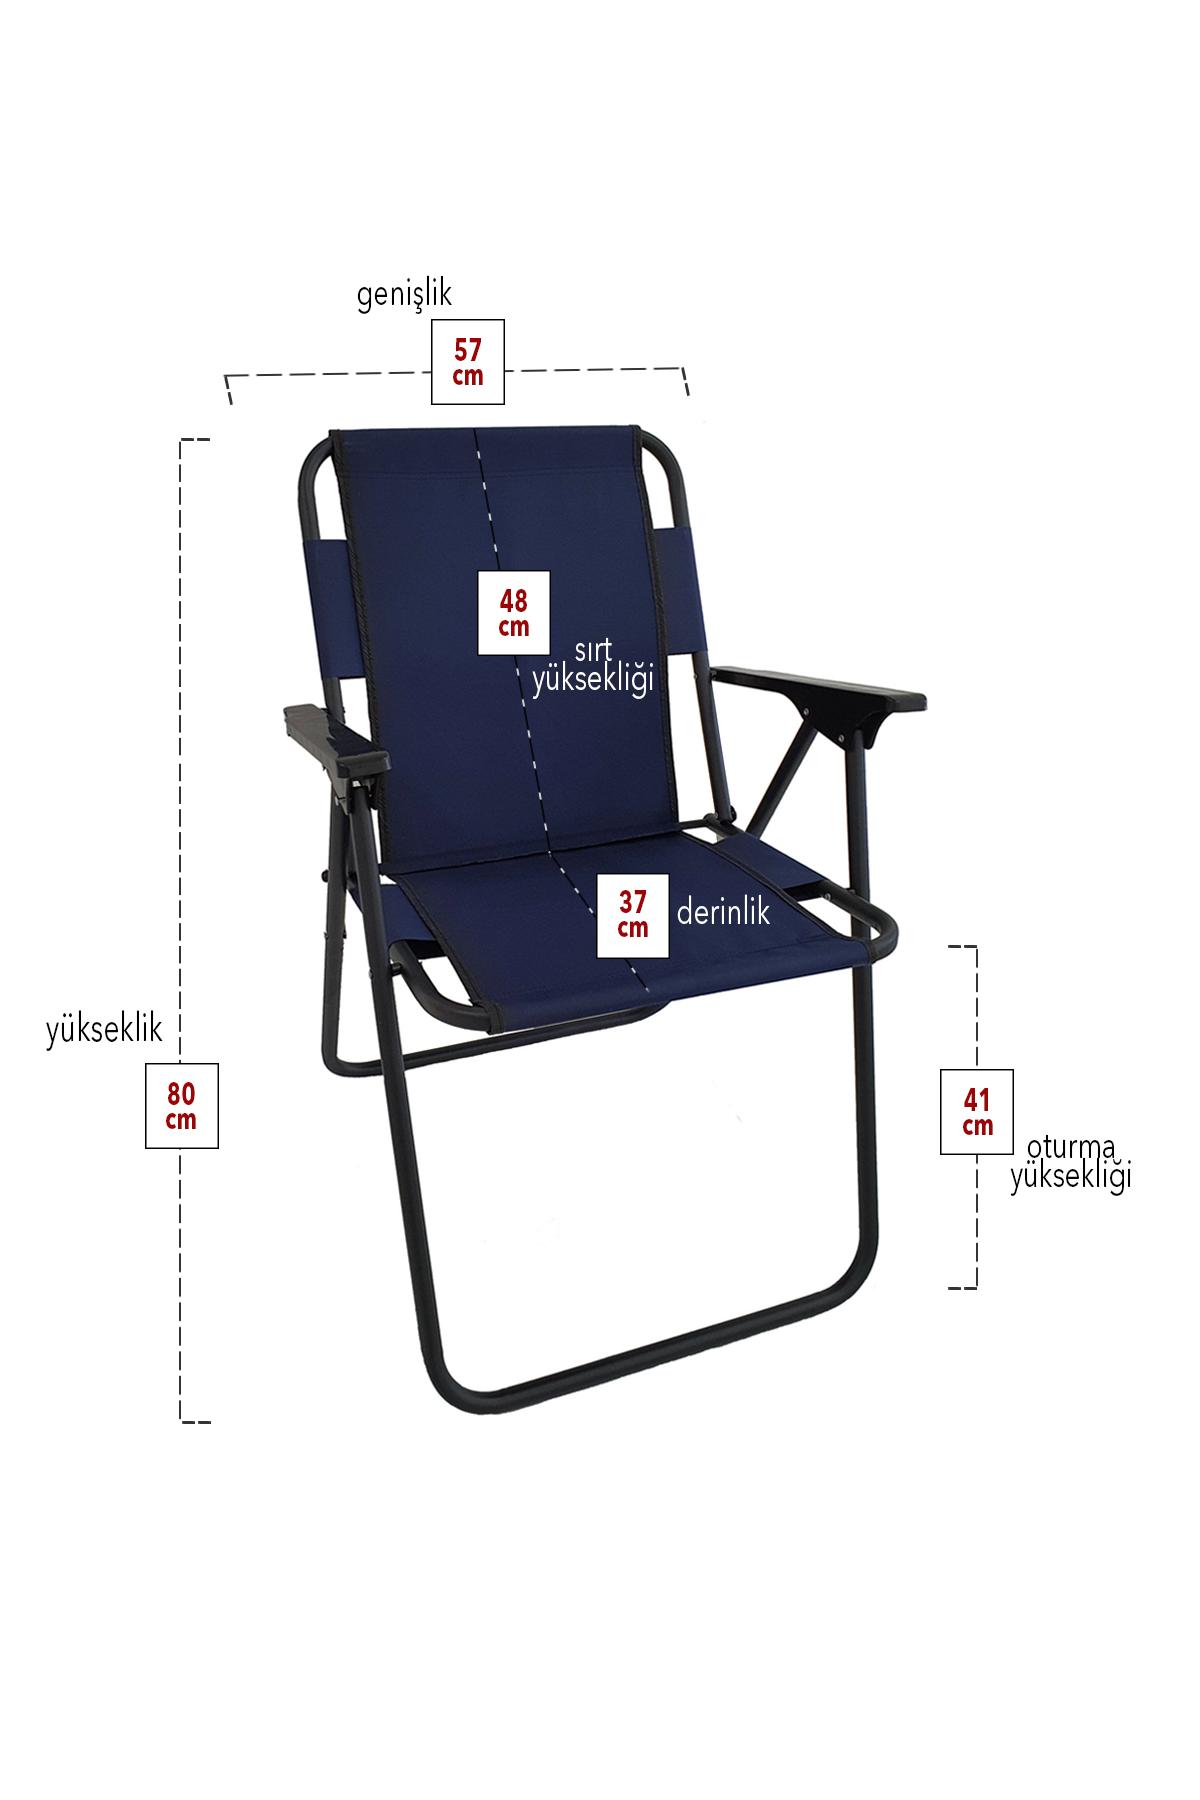 Bofigo 4 Adet Kamp Sandalyesi Katlanır Sandalye Piknik Sandalyesi Plaj Sandalyesi Lacivert